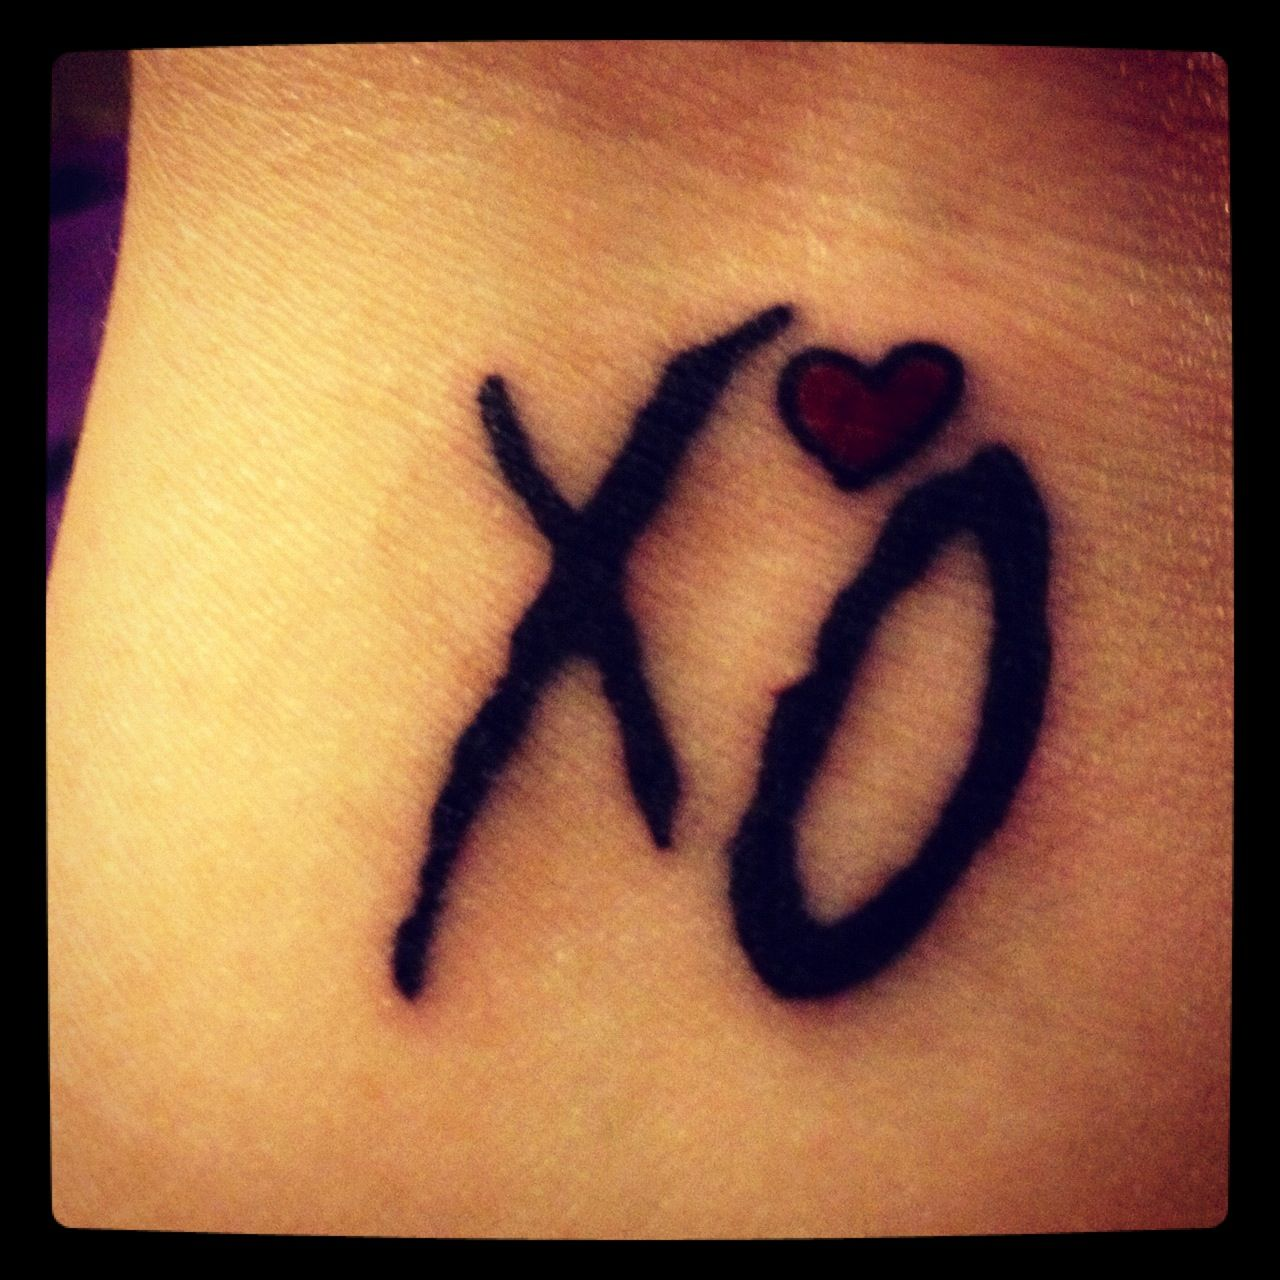 Small Weeknd Tattoo Xo